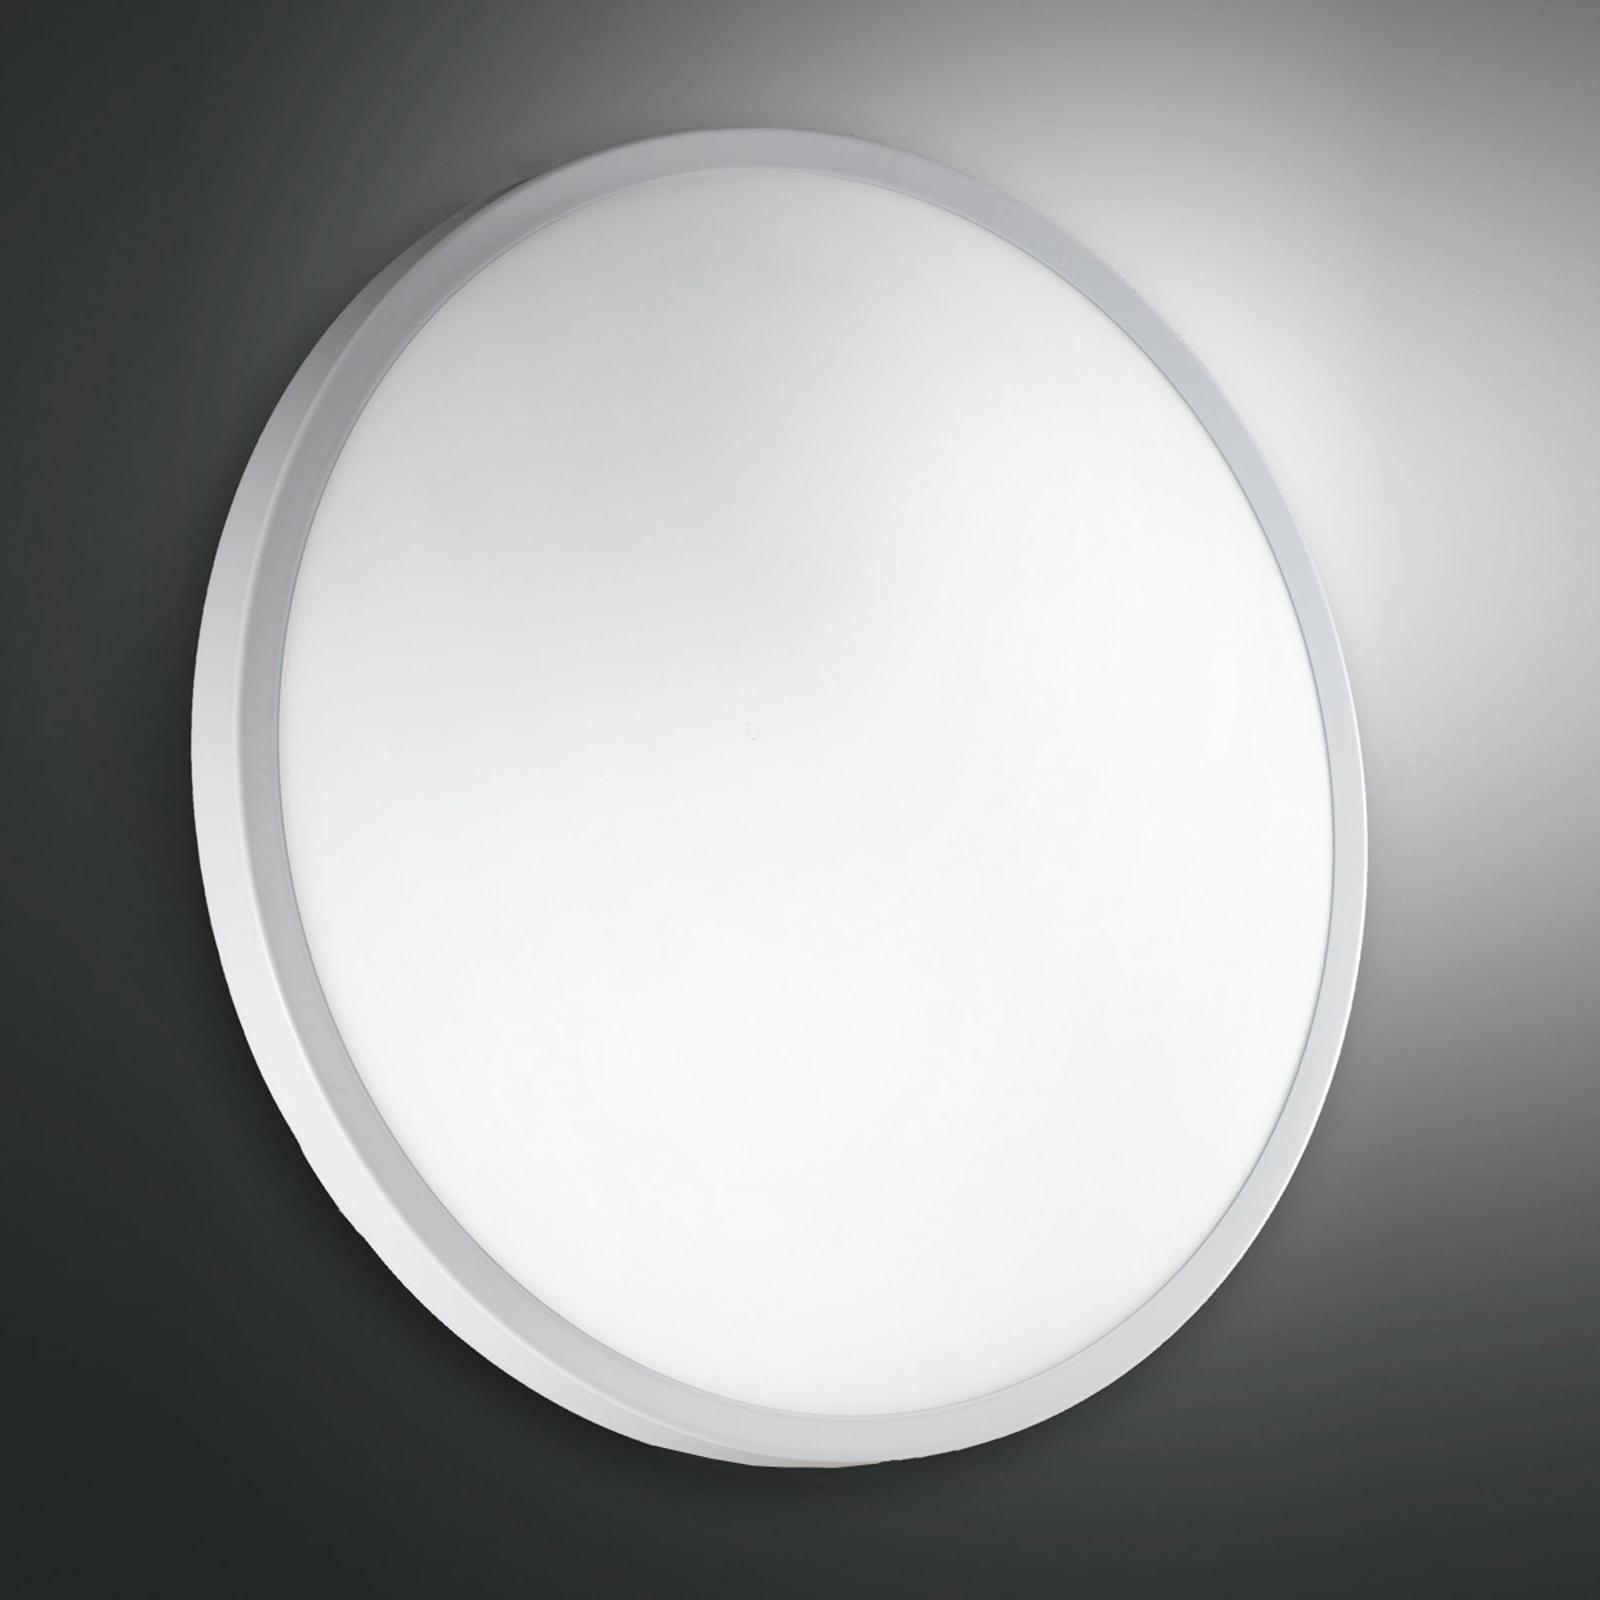 Plafonnier ou applique PLAZA en verre 41 cm blanc